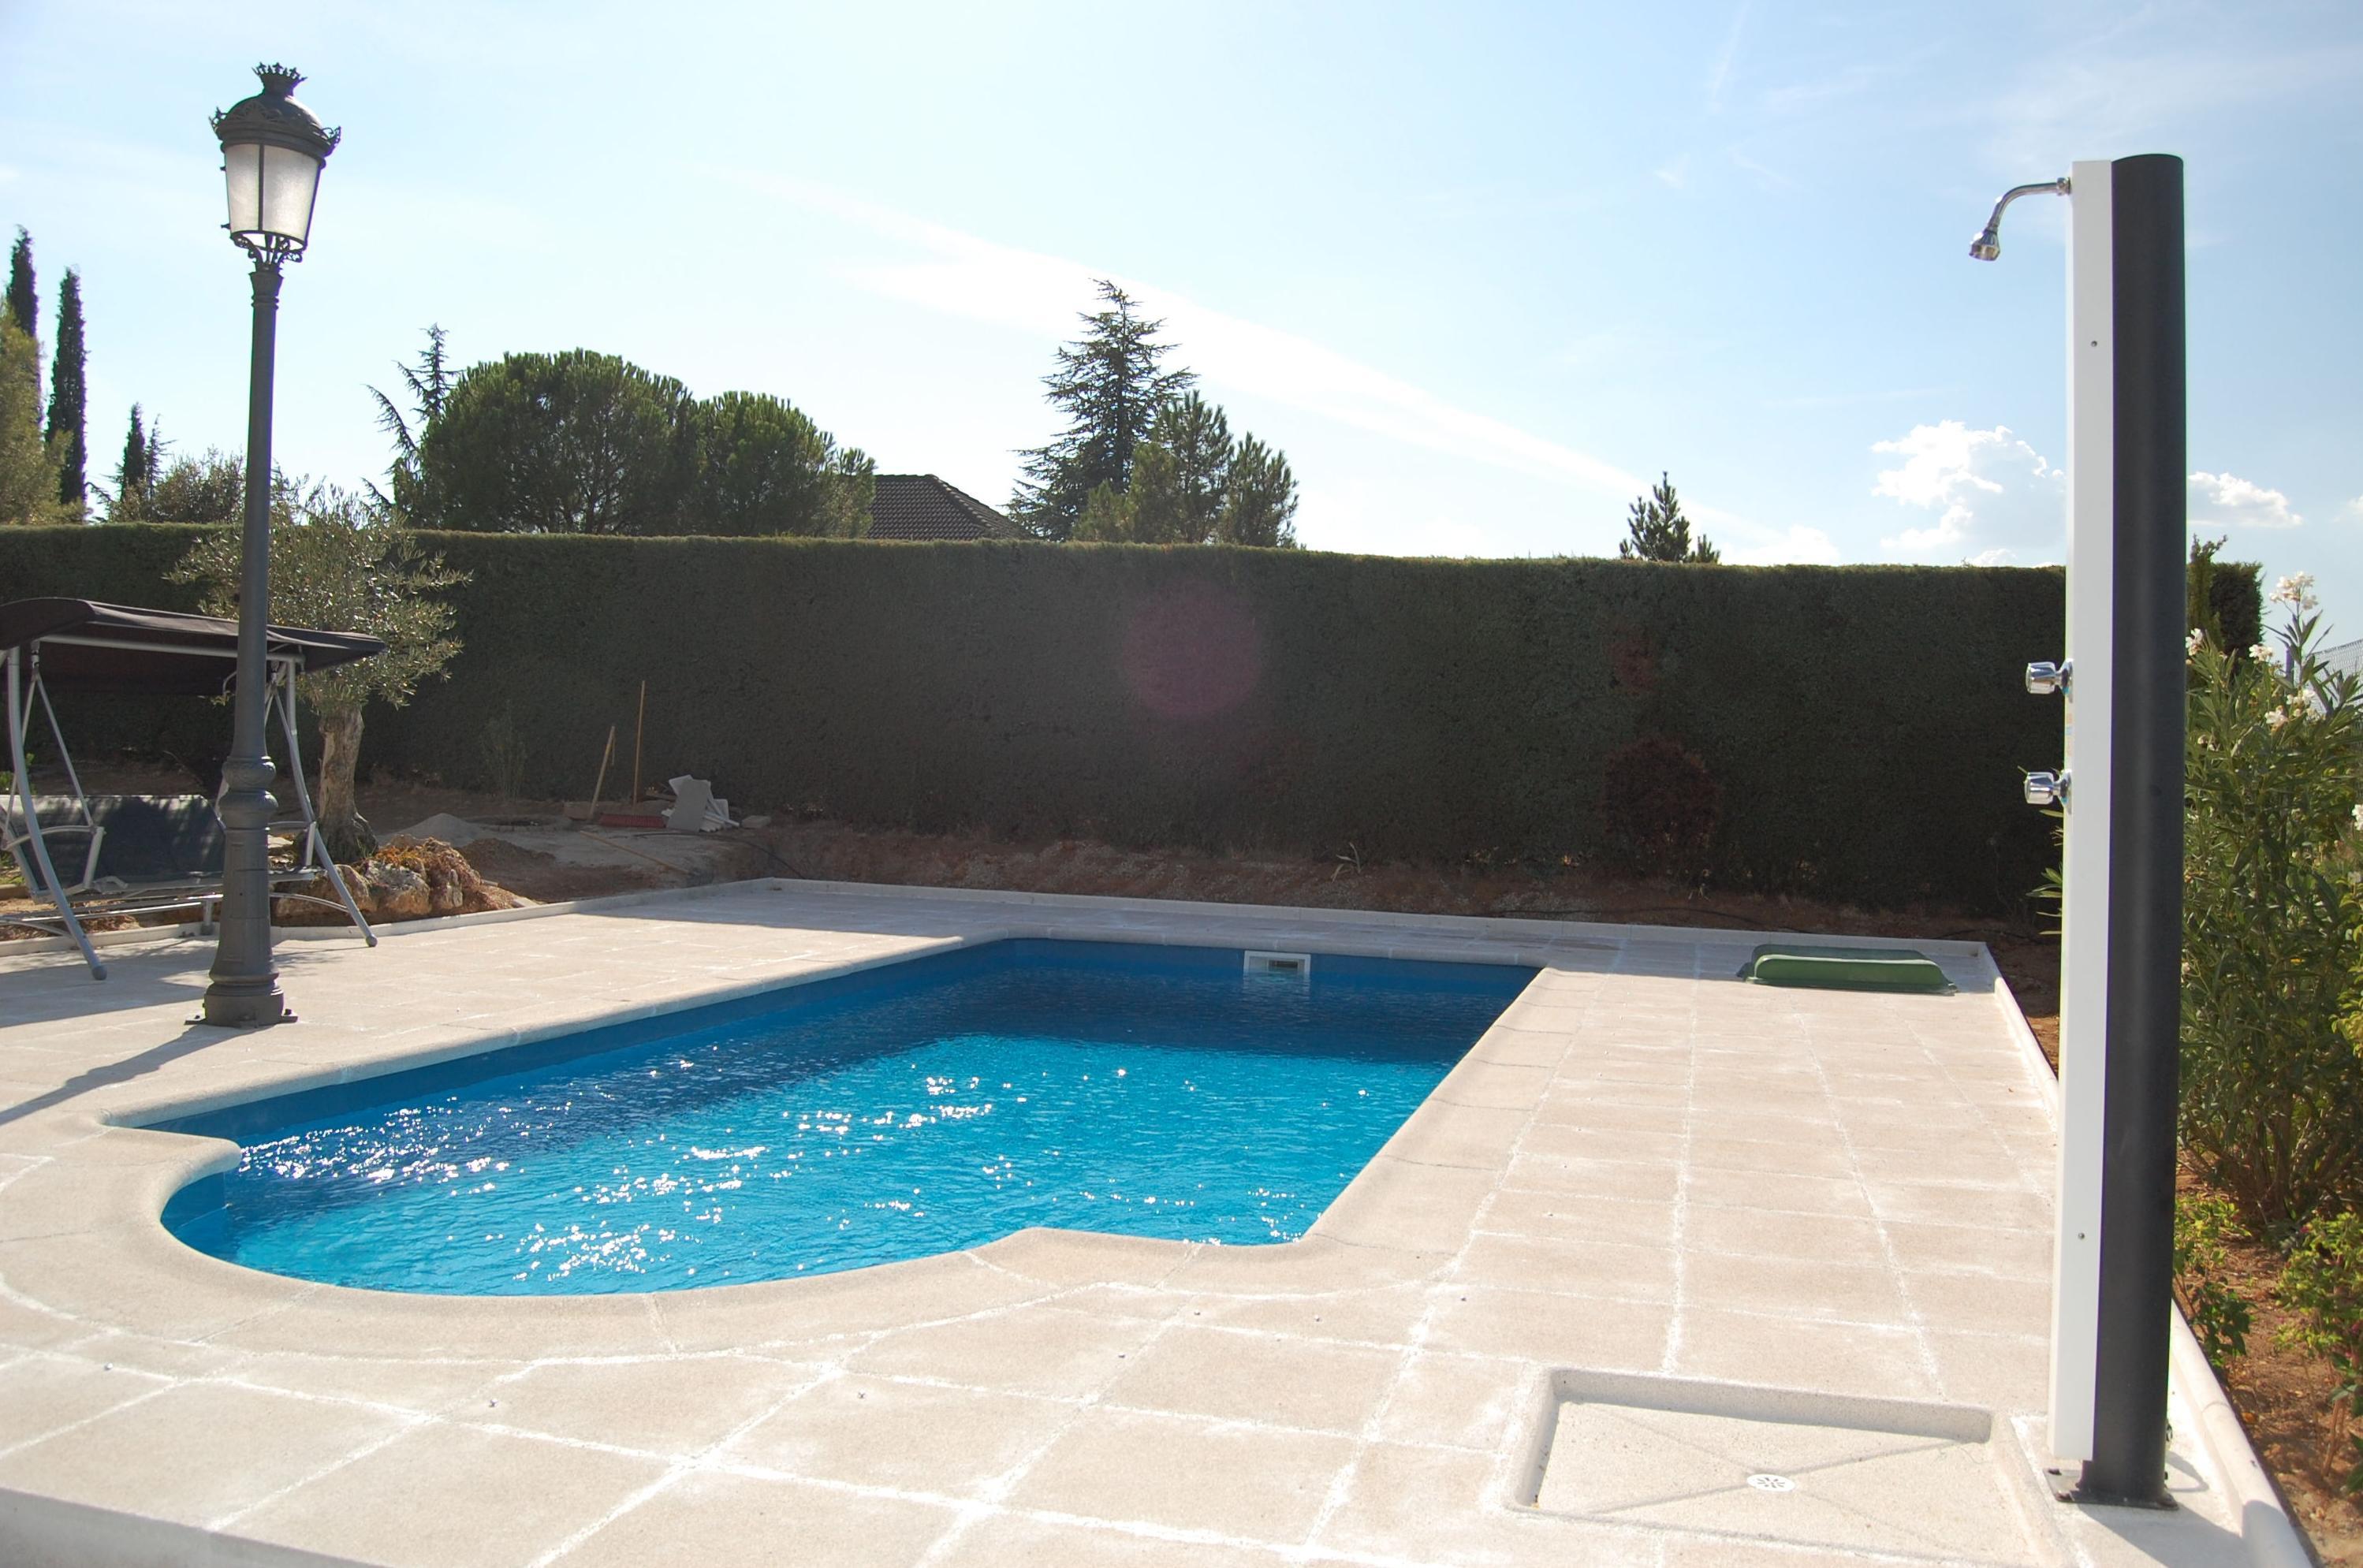 Foto 72 de piscinas instalaci n y mantenimiento en san for Piscina 9x4